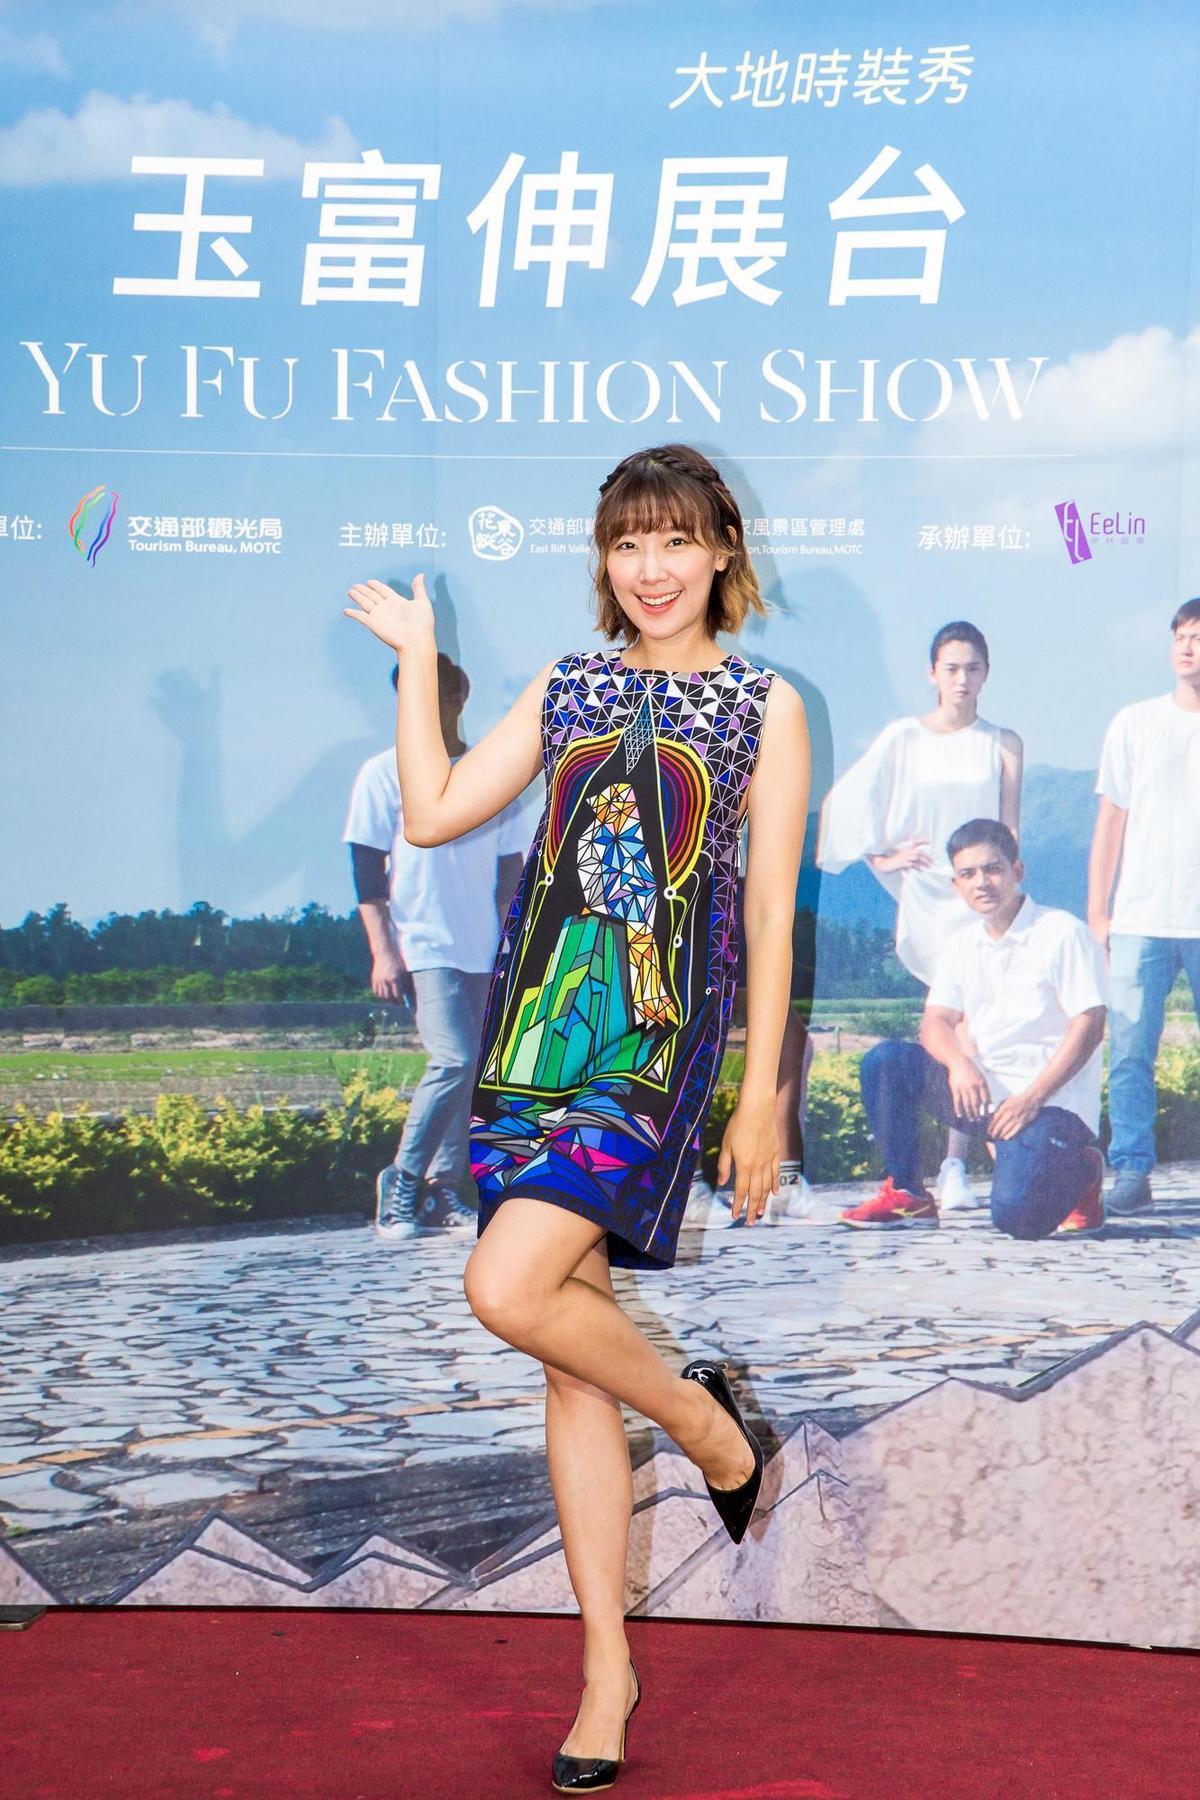 藝人李懿擔任形象大使為了拍攝宣傳片,刻意減肥不敢吃太多。(伊林提供)